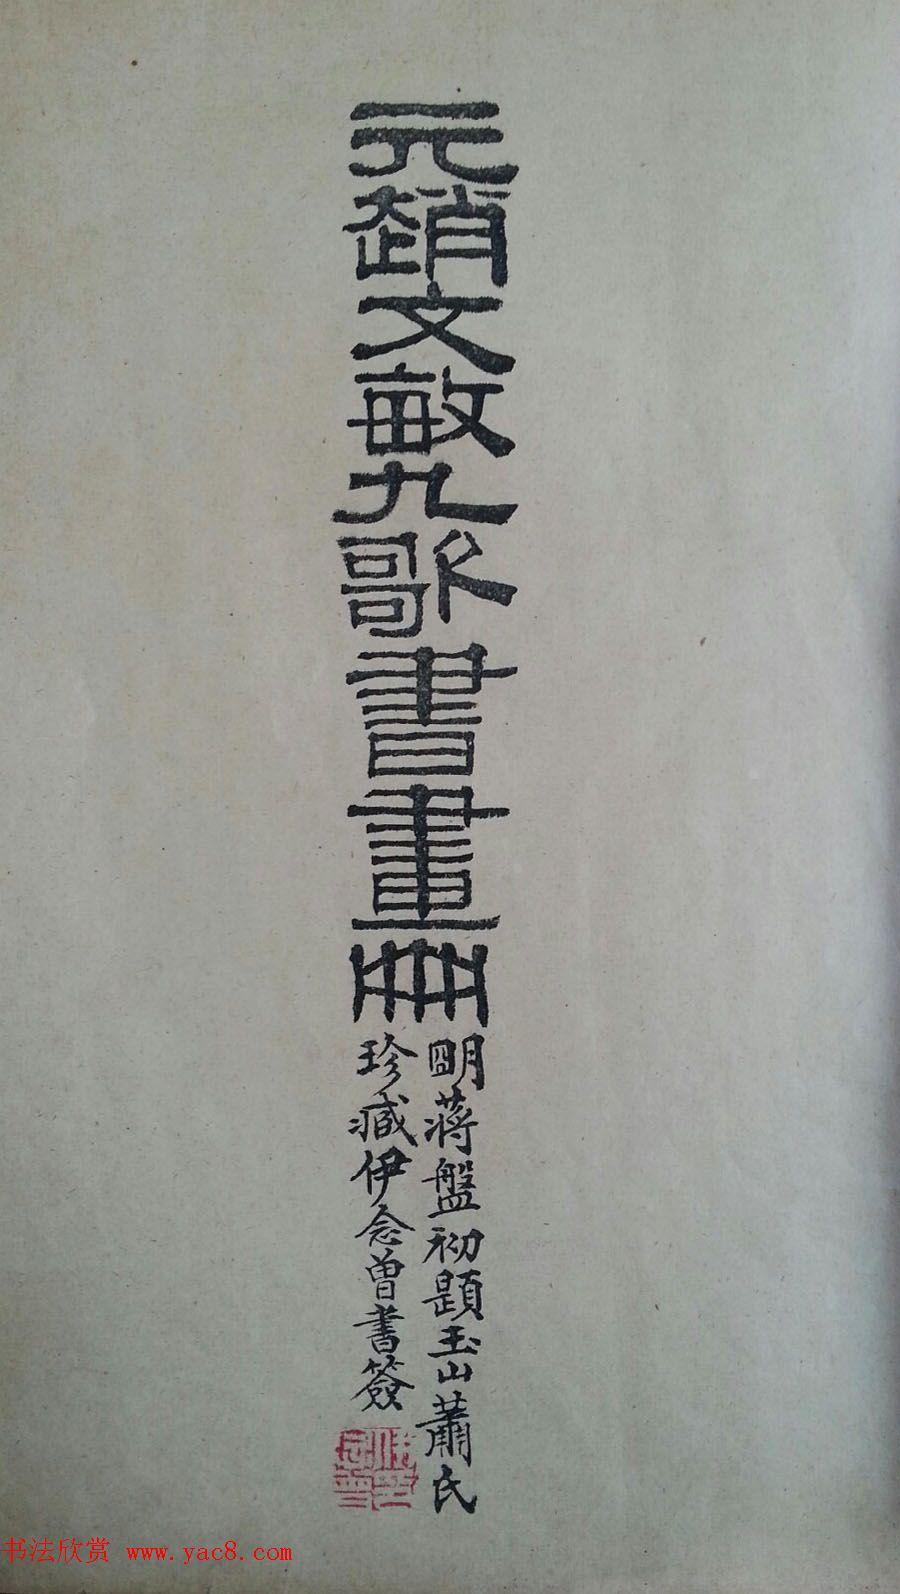 赵孟頫书画图书《大风堂藏赵文敏九歌书画册》